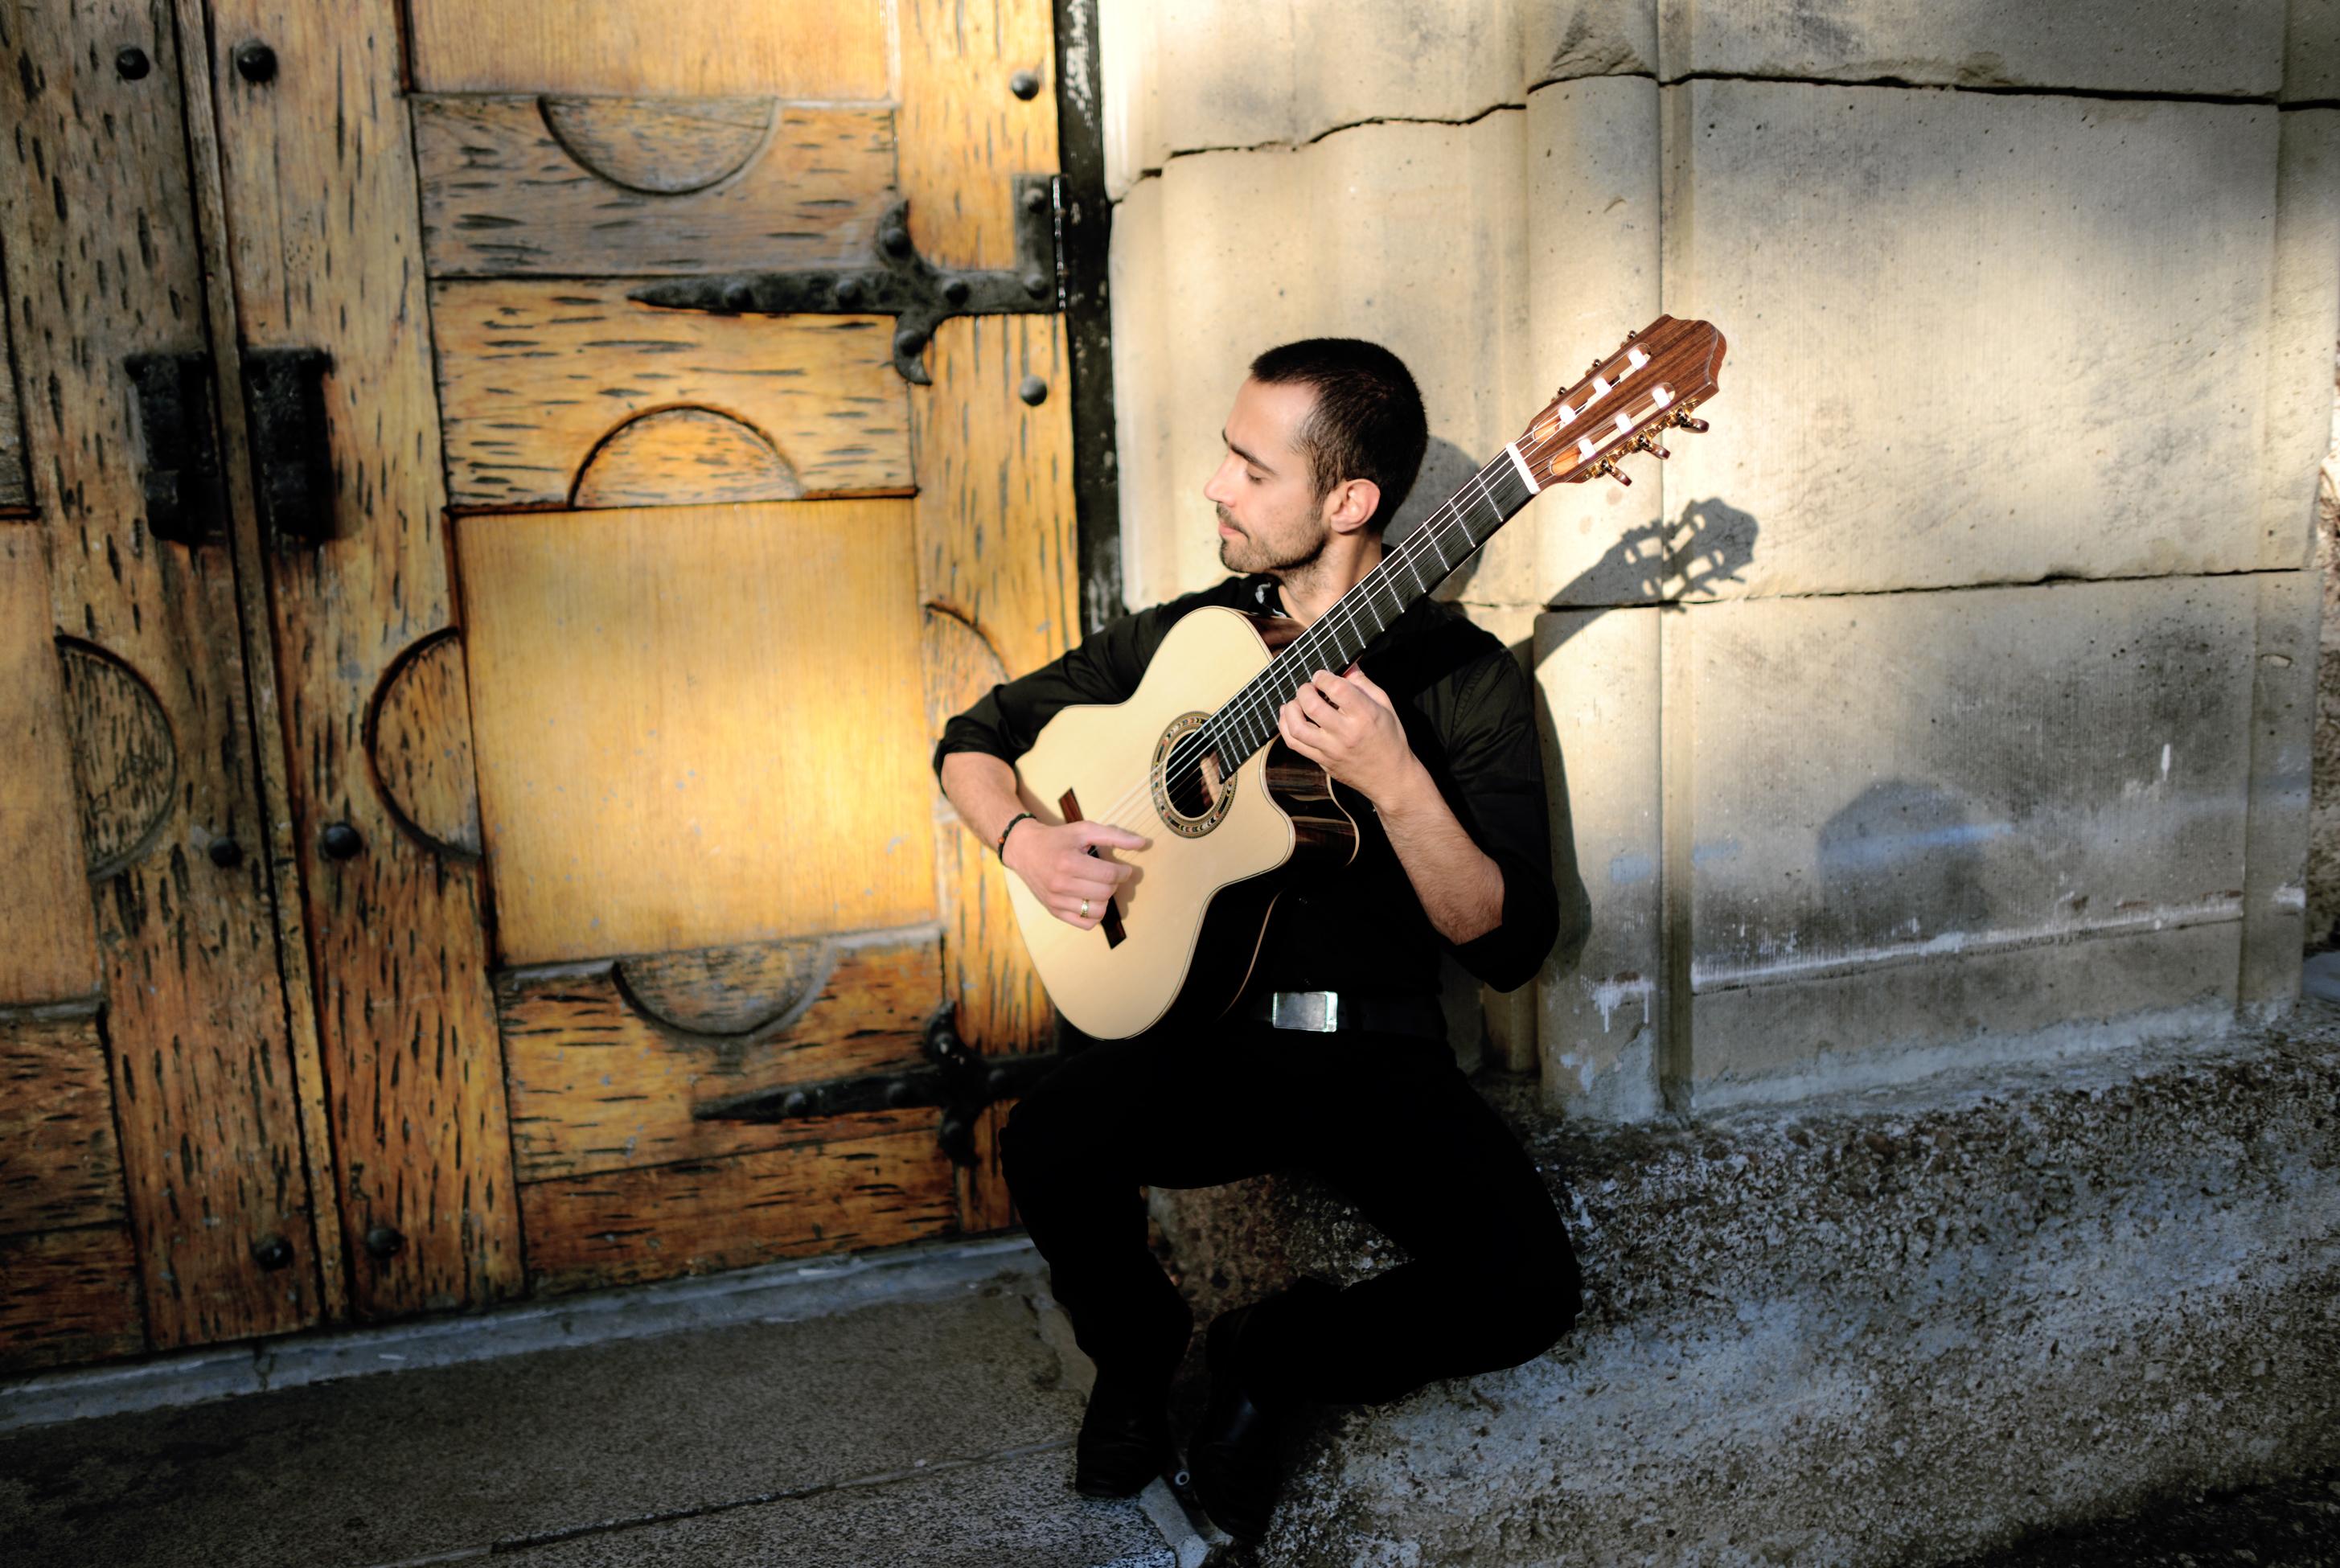 Modern jazz guitarist hristo vitchev